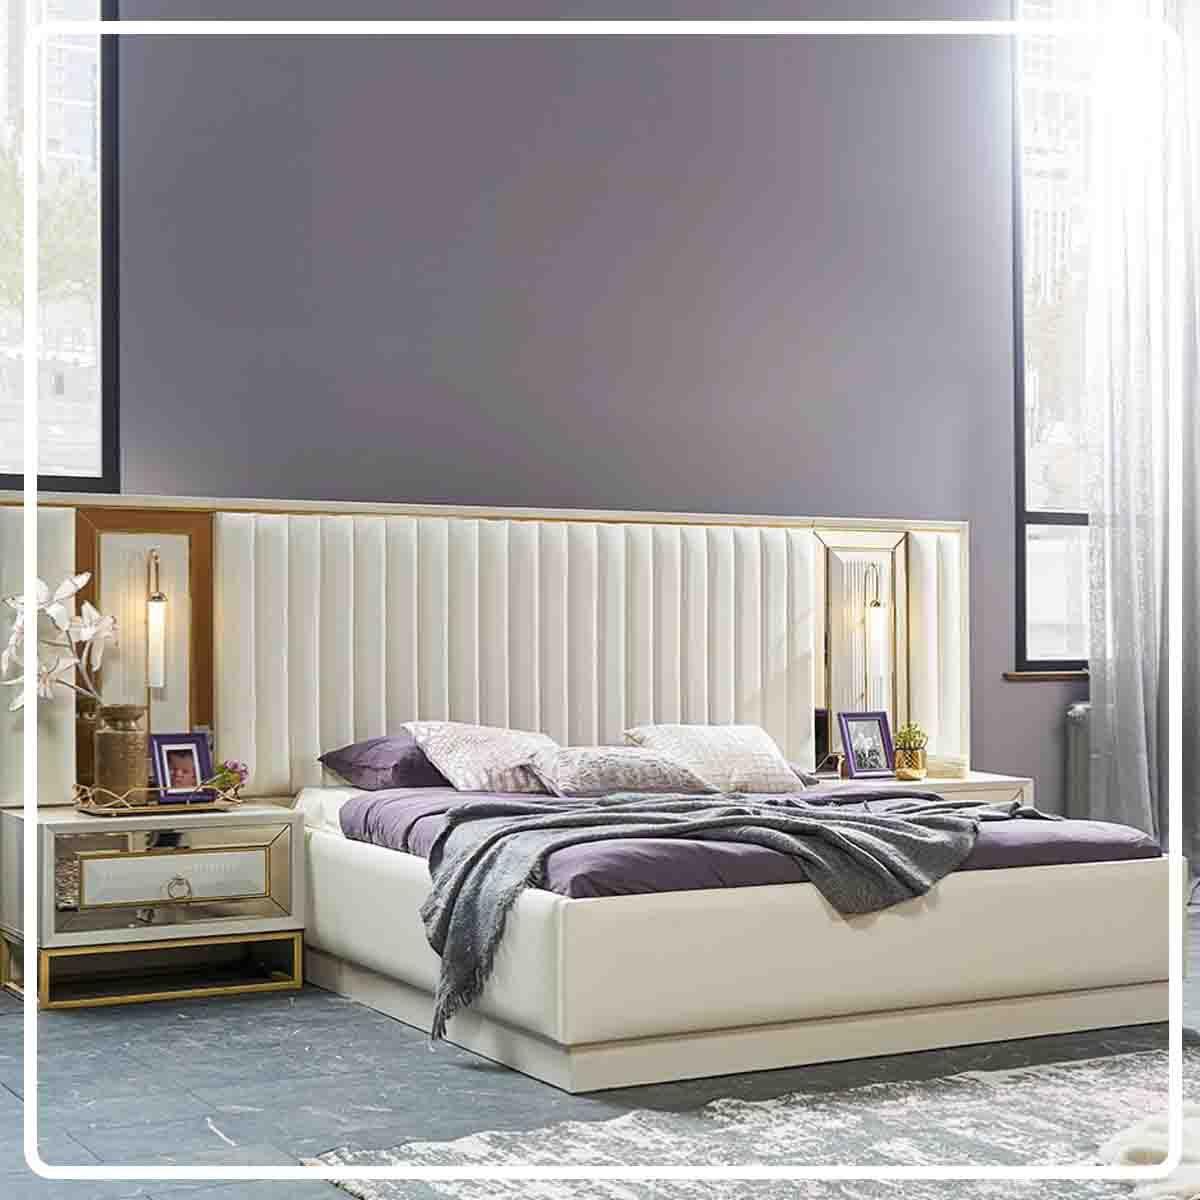 اثاث مصر غرفة نوم كريستالة Small Room Bedroom Bedroom Bed Design Bedroom Furniture Design